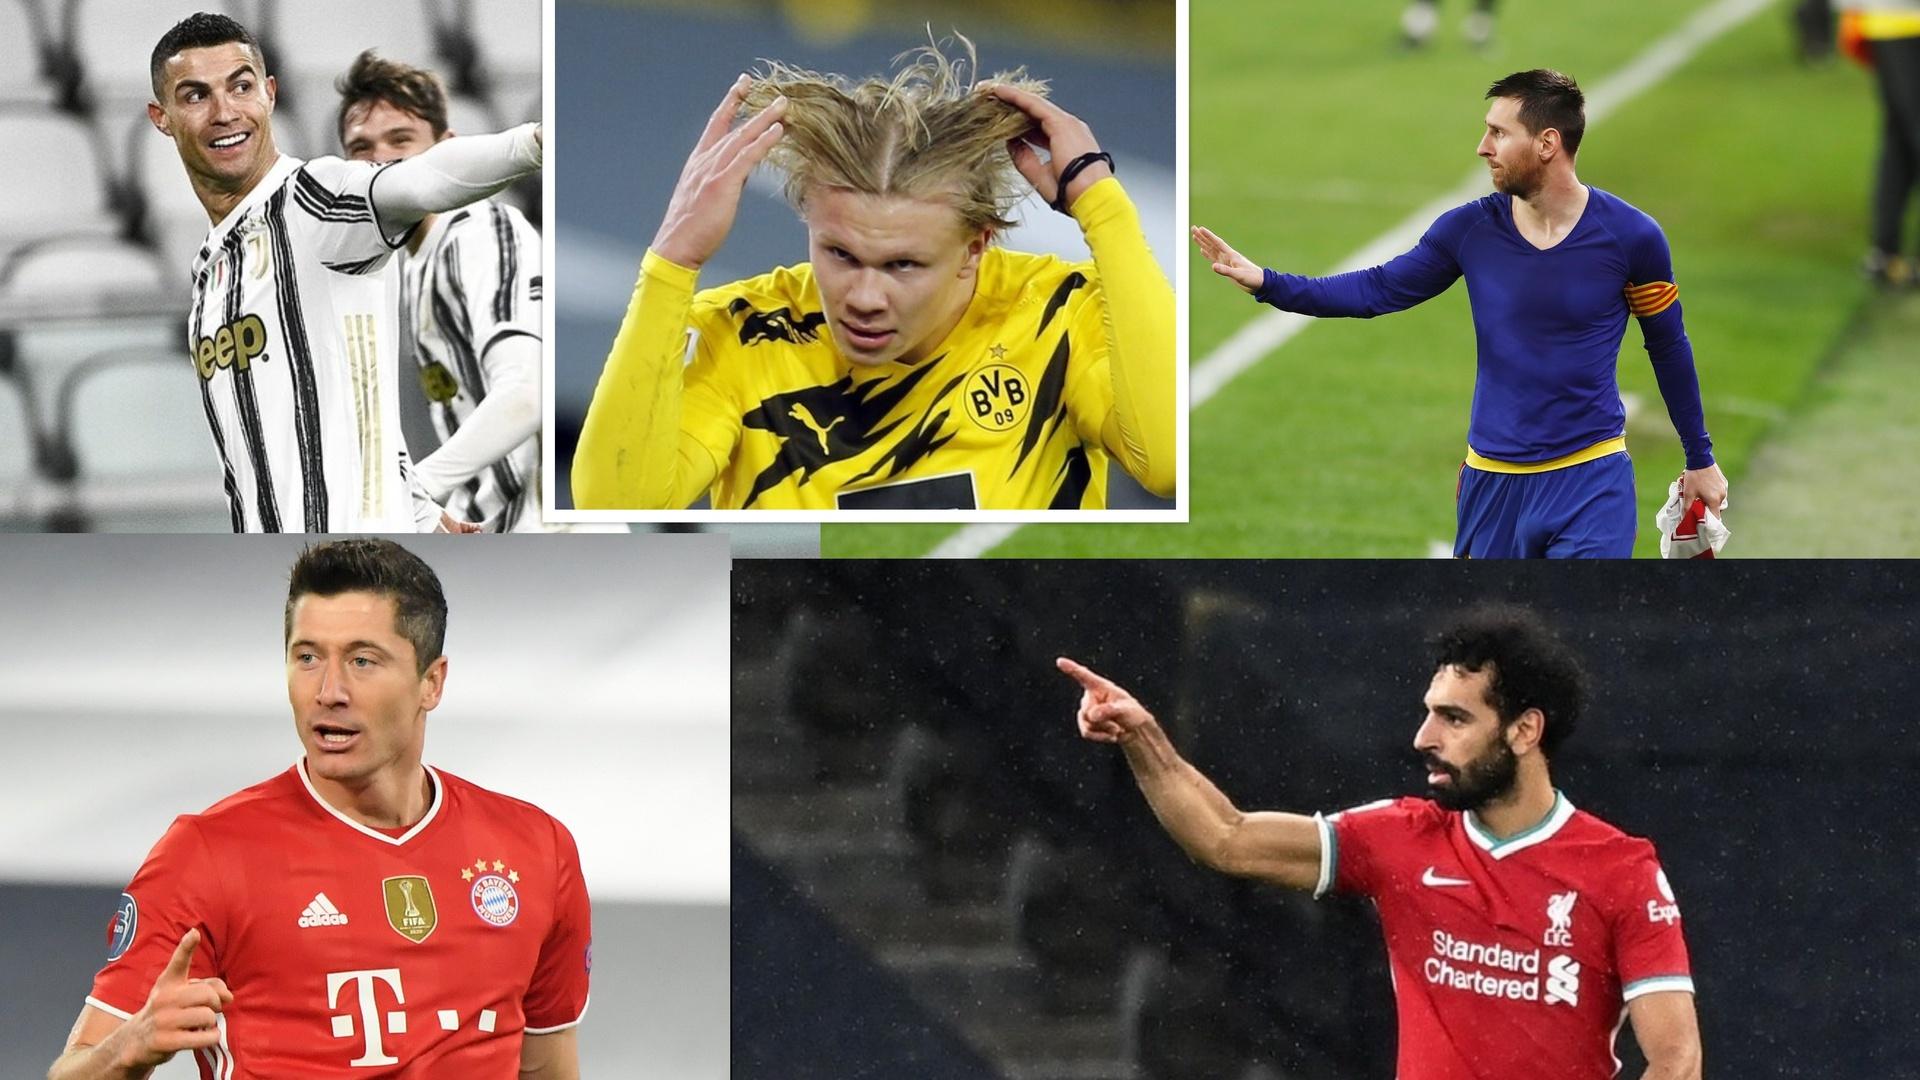 تعرف على ترتيب هدافي دوري أبطال أوروبا بعد نهاية جولة الذهاب